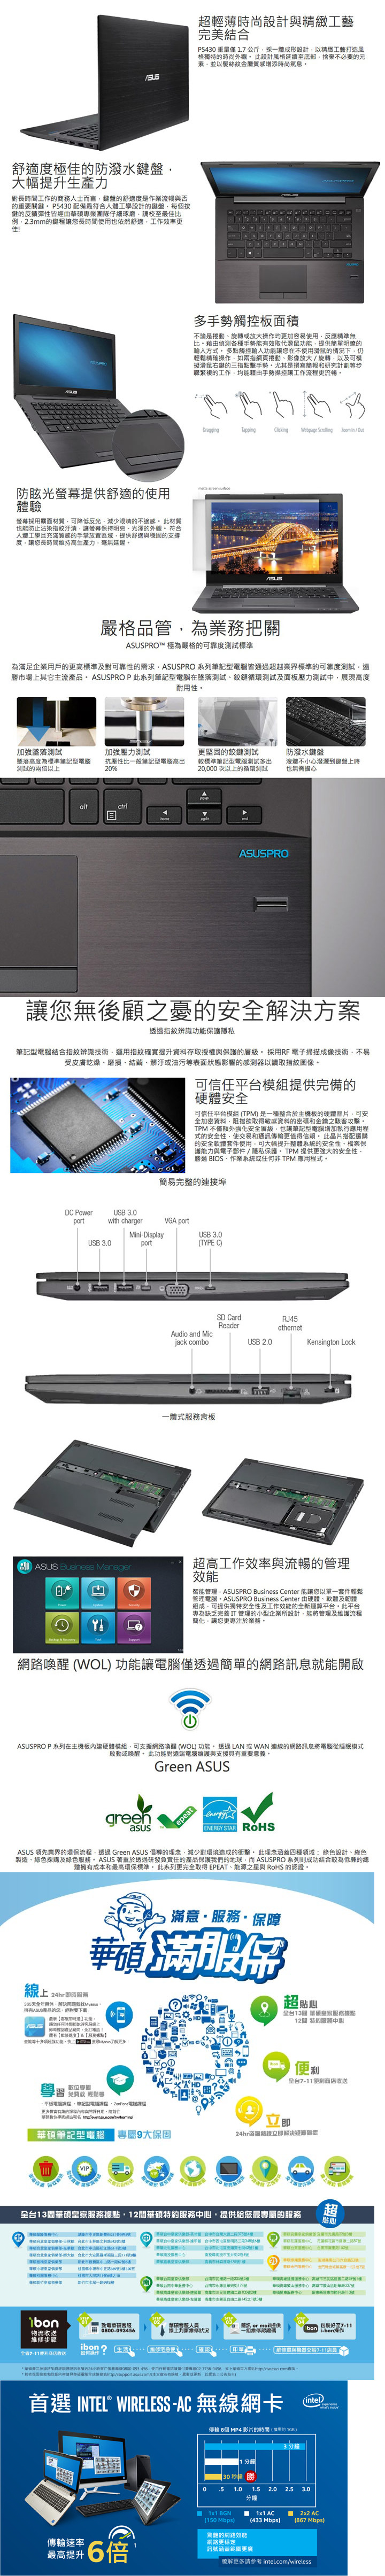 華碩 P5430UA-0501A6500U 贈 安克諾斯 CP值高嗎